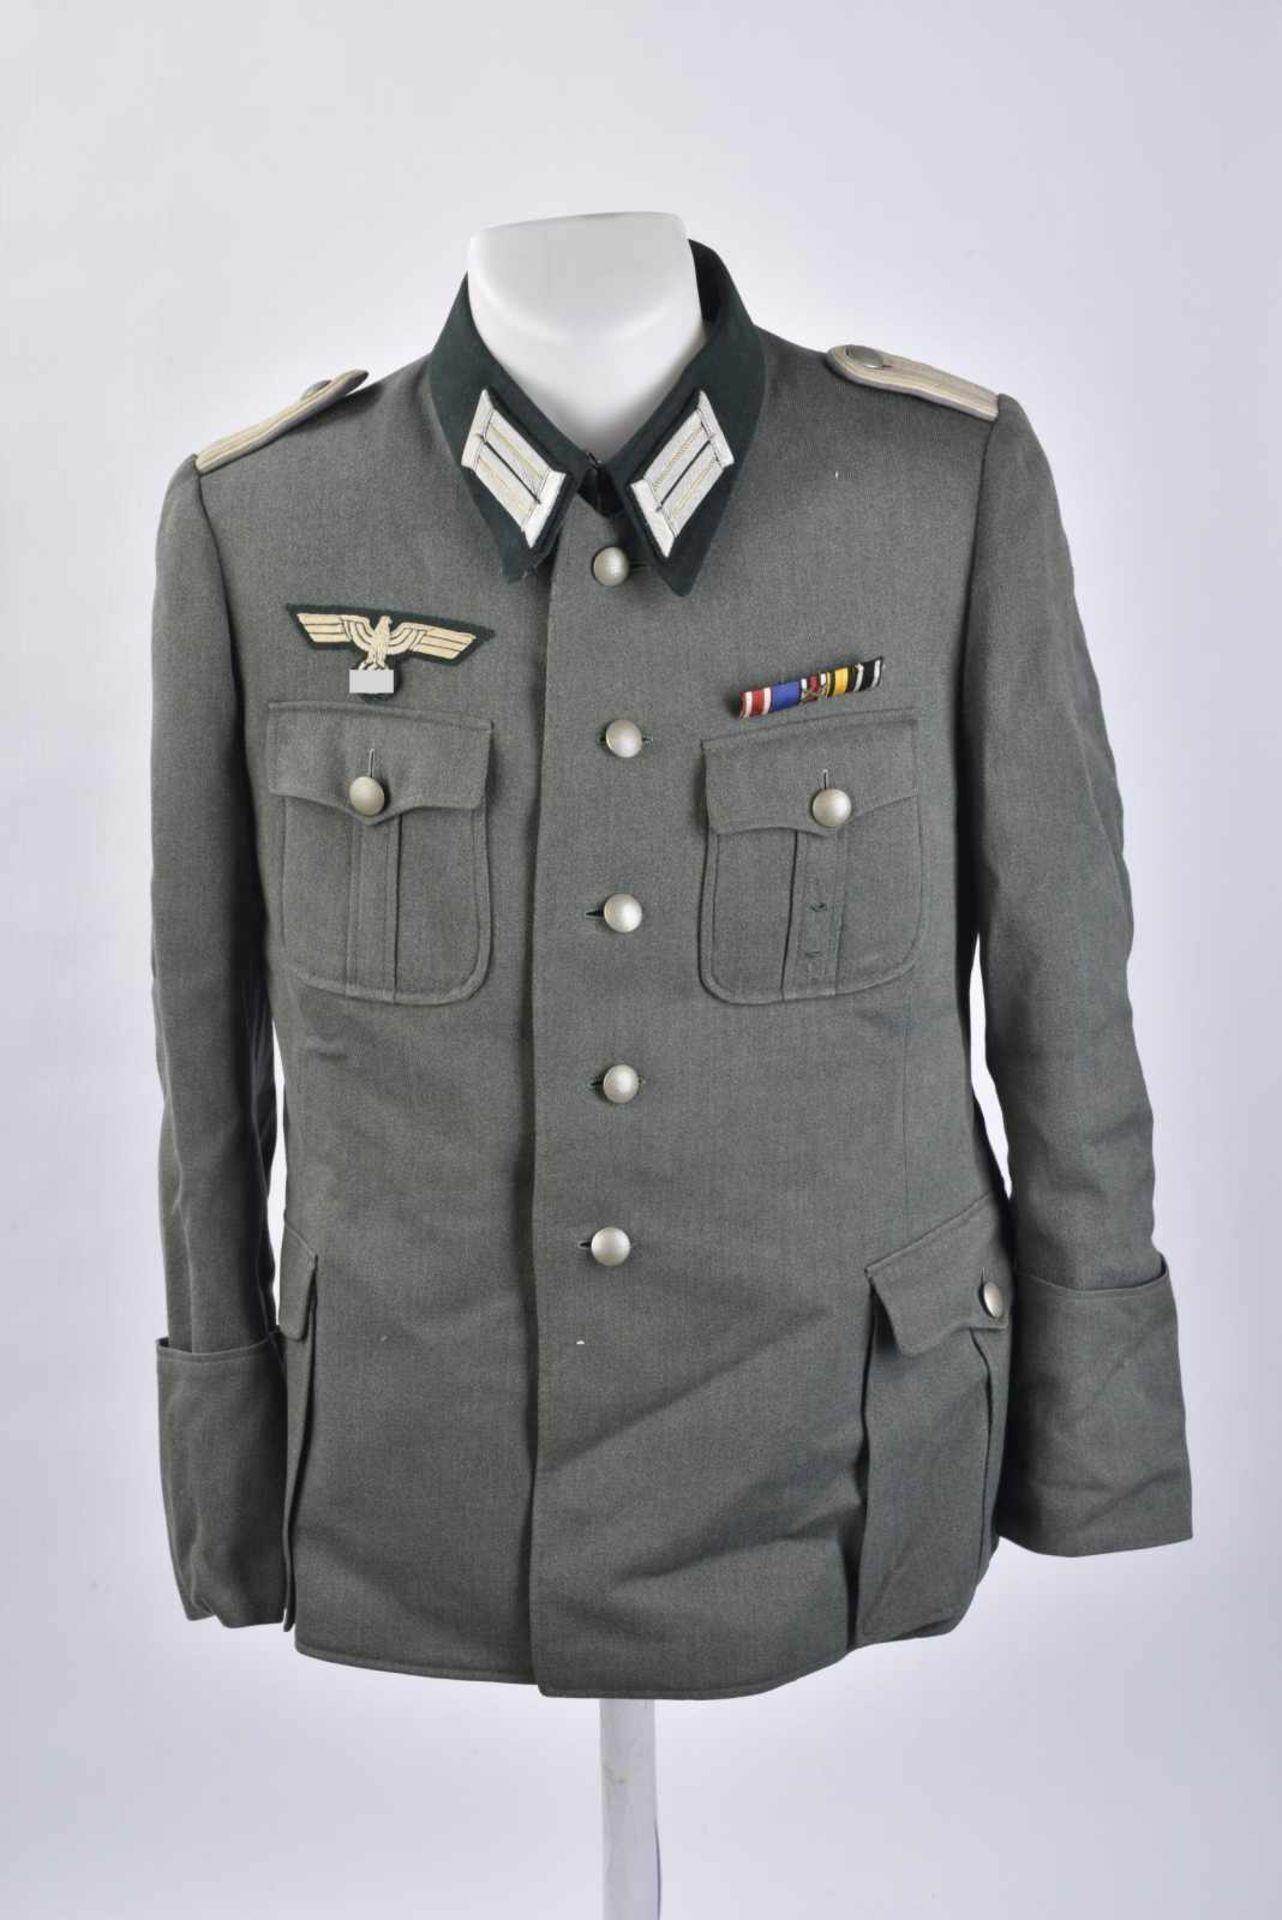 Vareuse de Leutnant de l'infanterie en gabardine Feldgrau tous les boutons sont présents.